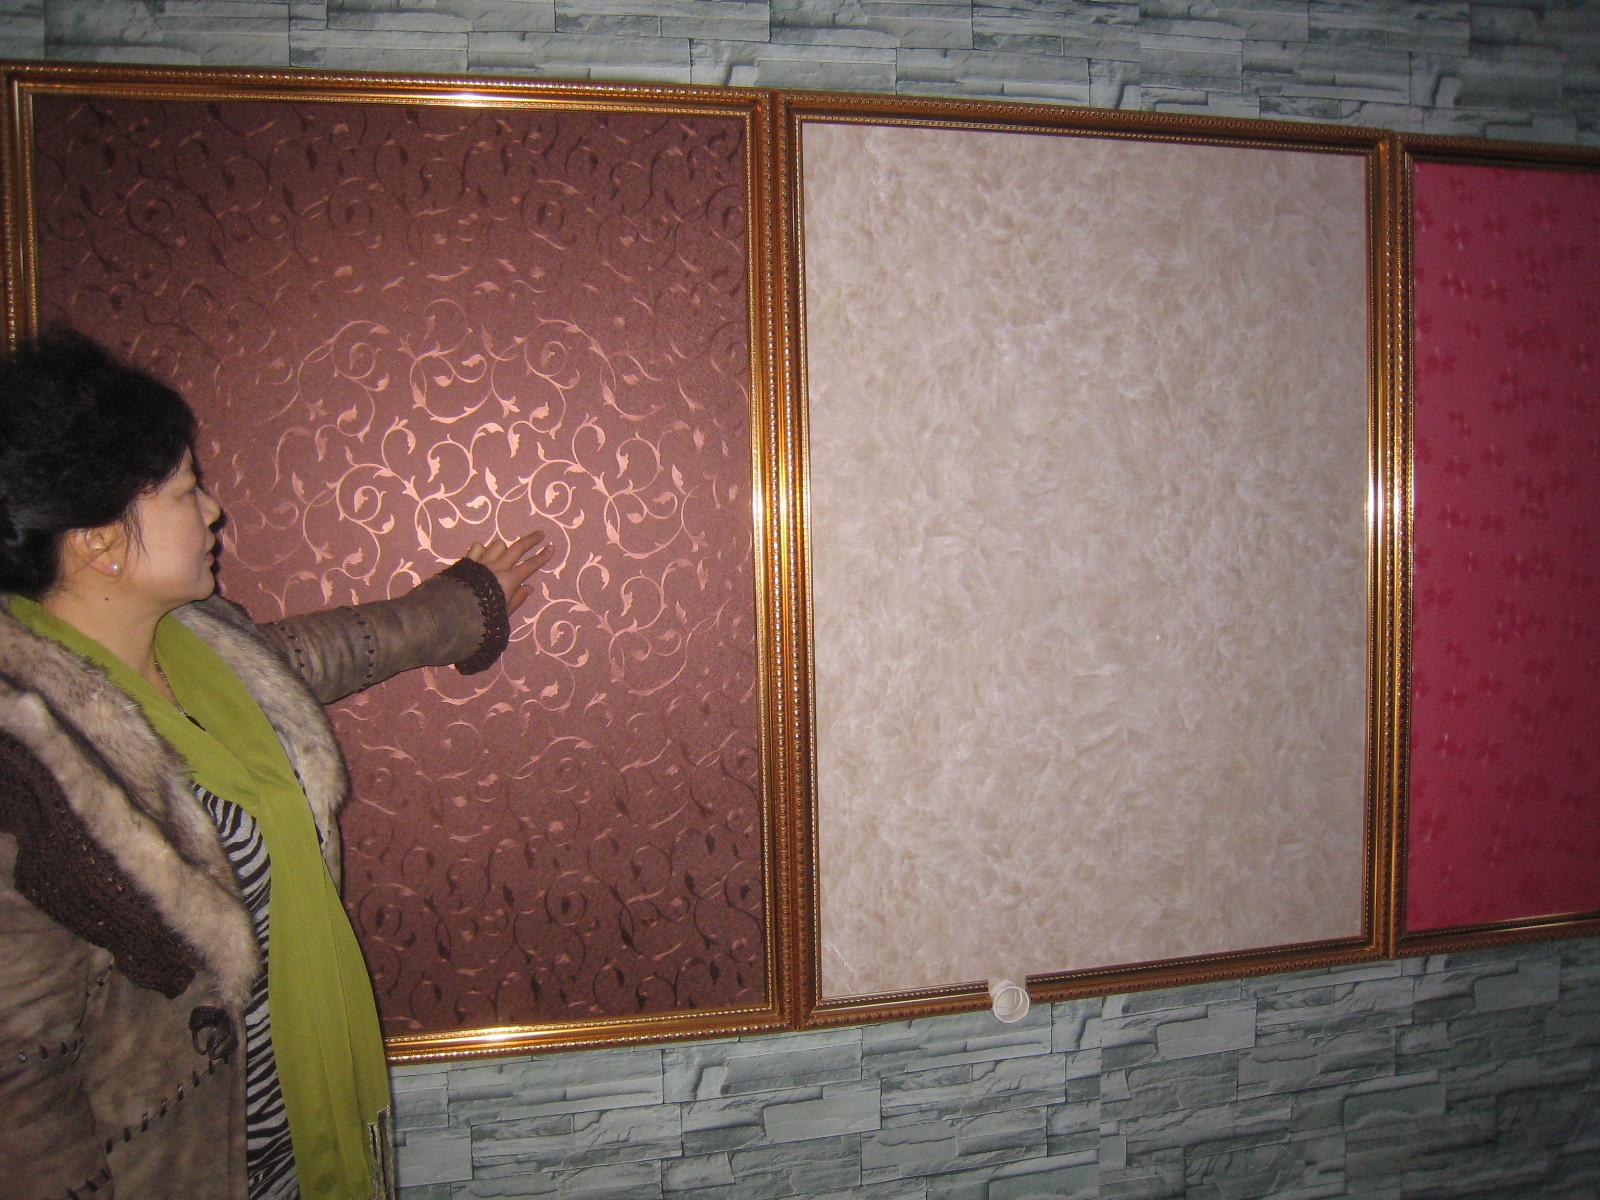 代理销售广安地区奥德丽贴墙彩晶膜